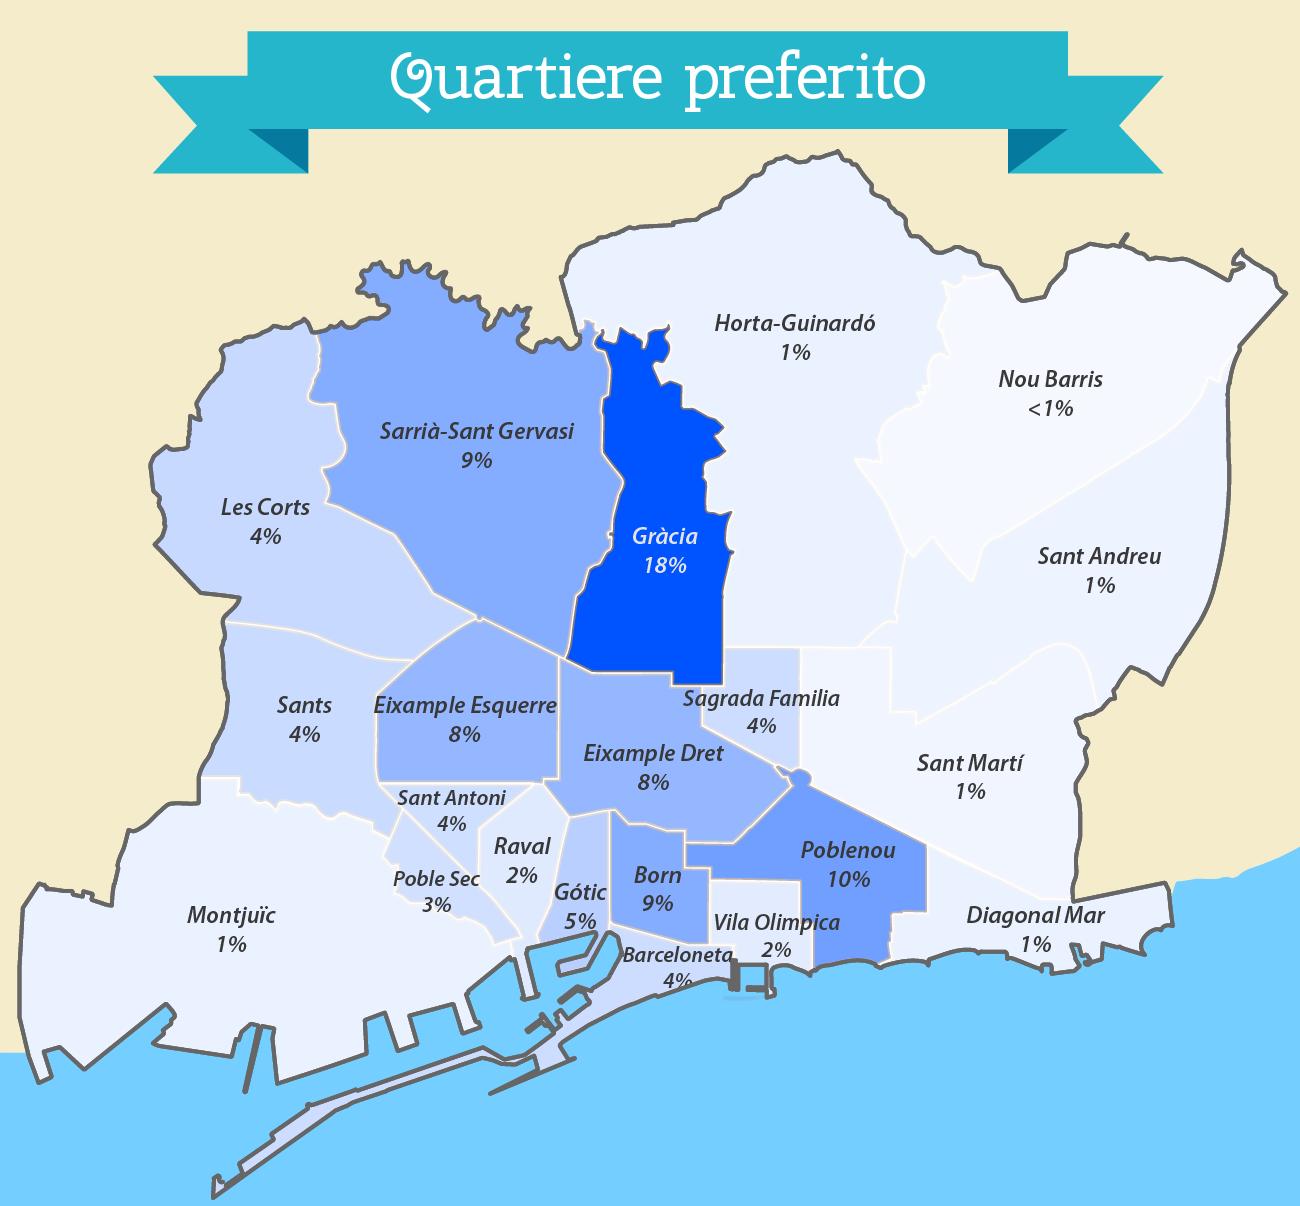 Quali sono i 5 quartieri migliori per vivere a Barcellona?